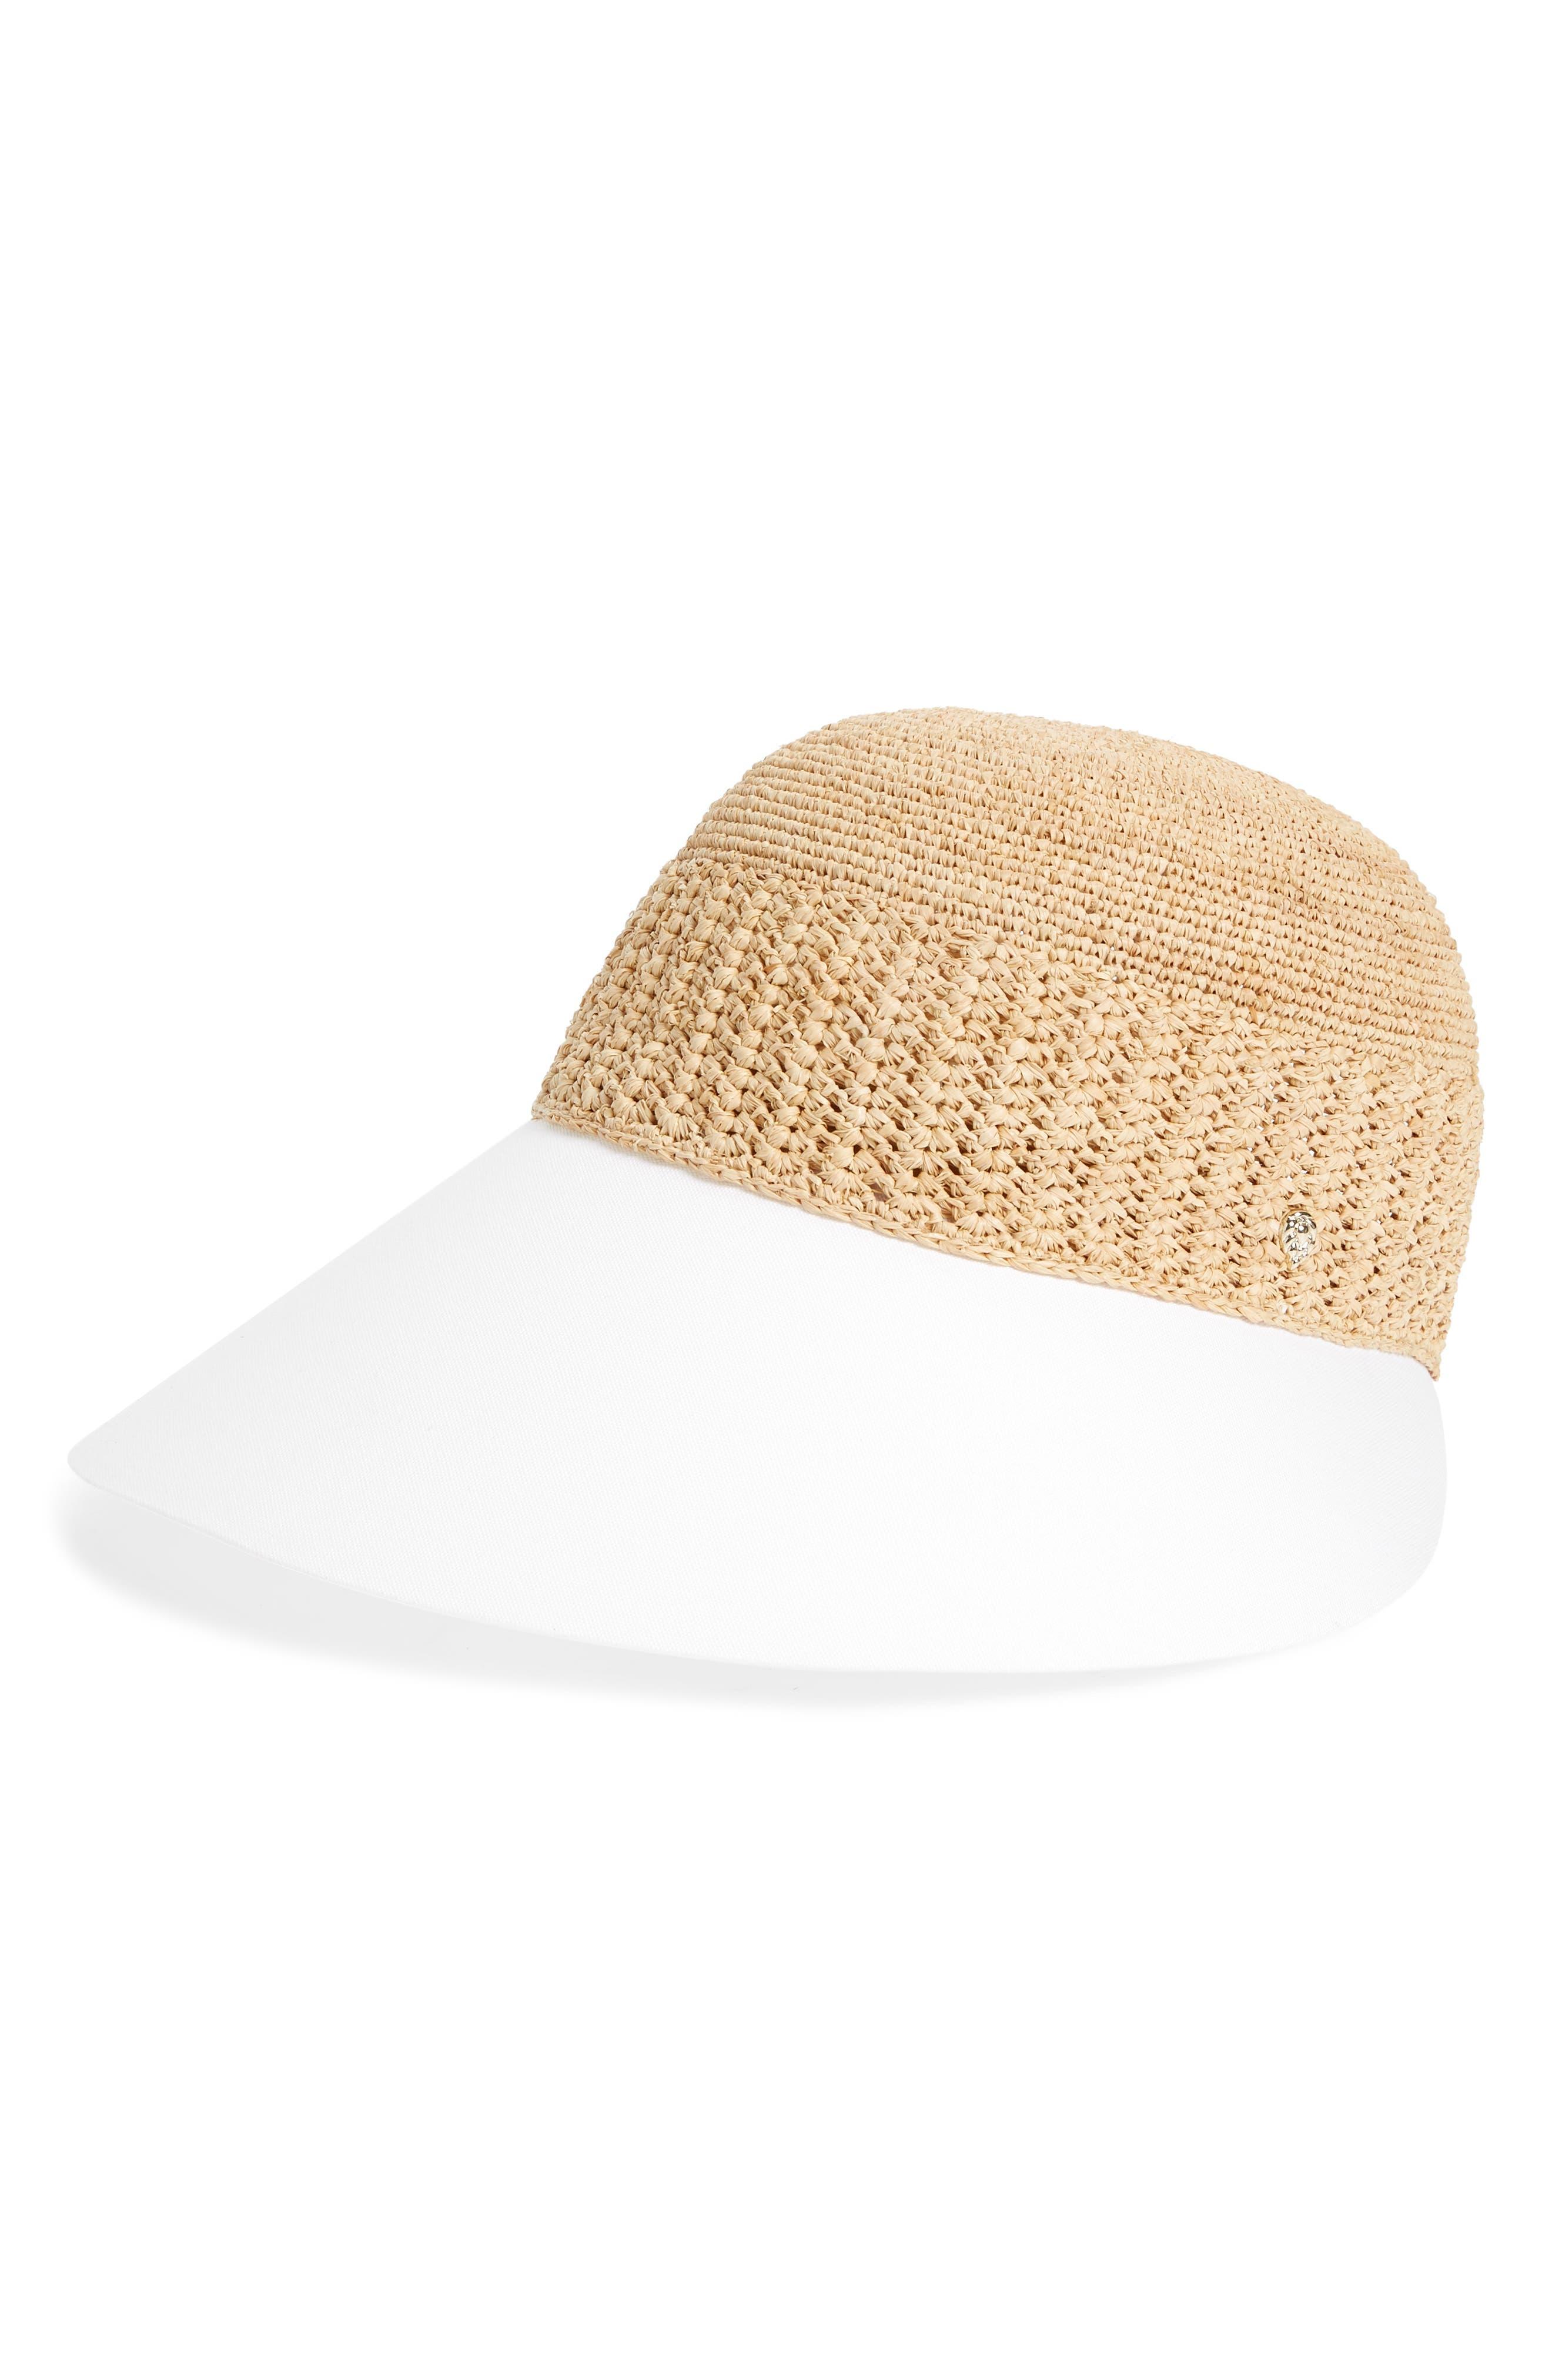 Wide Peak Raffia & Cotton Cap,                             Main thumbnail 1, color,                             Natural/ White